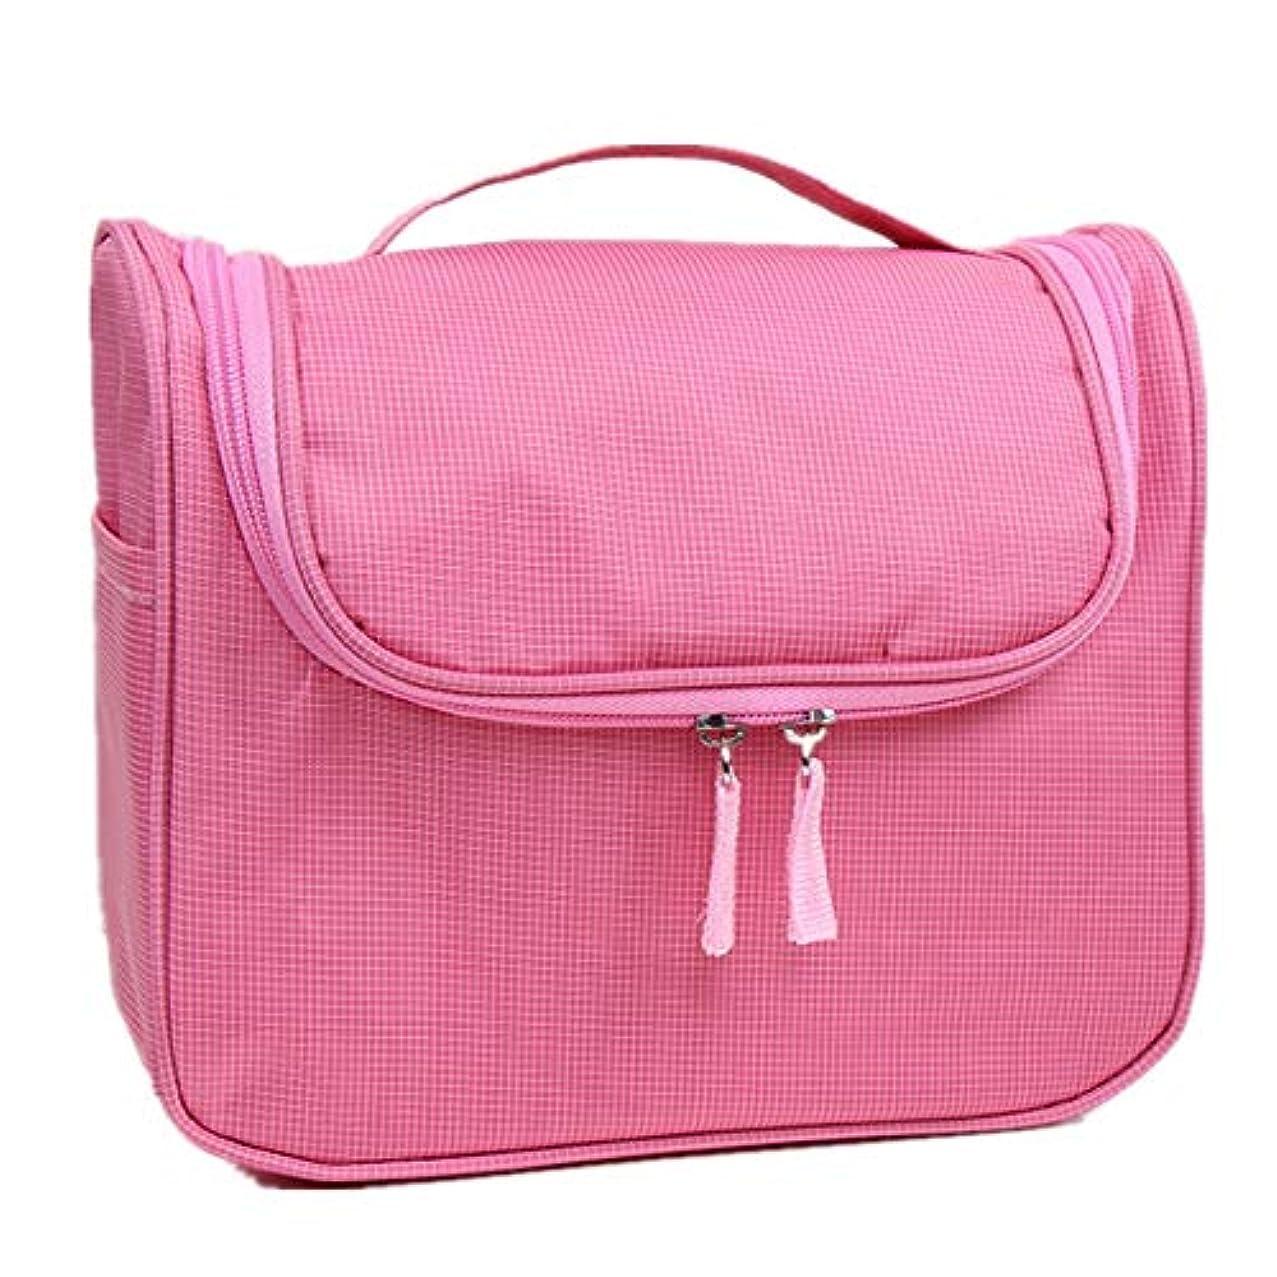 タイヤ指標不可能な化粧オーガナイザーバッグ 大容量の旅行化粧品バッグ丈夫で耐久性のある洗濯可能な化粧品保管コンセントレーションバッグウォッシュバッグ 化粧品ケース (色 : ピンク)